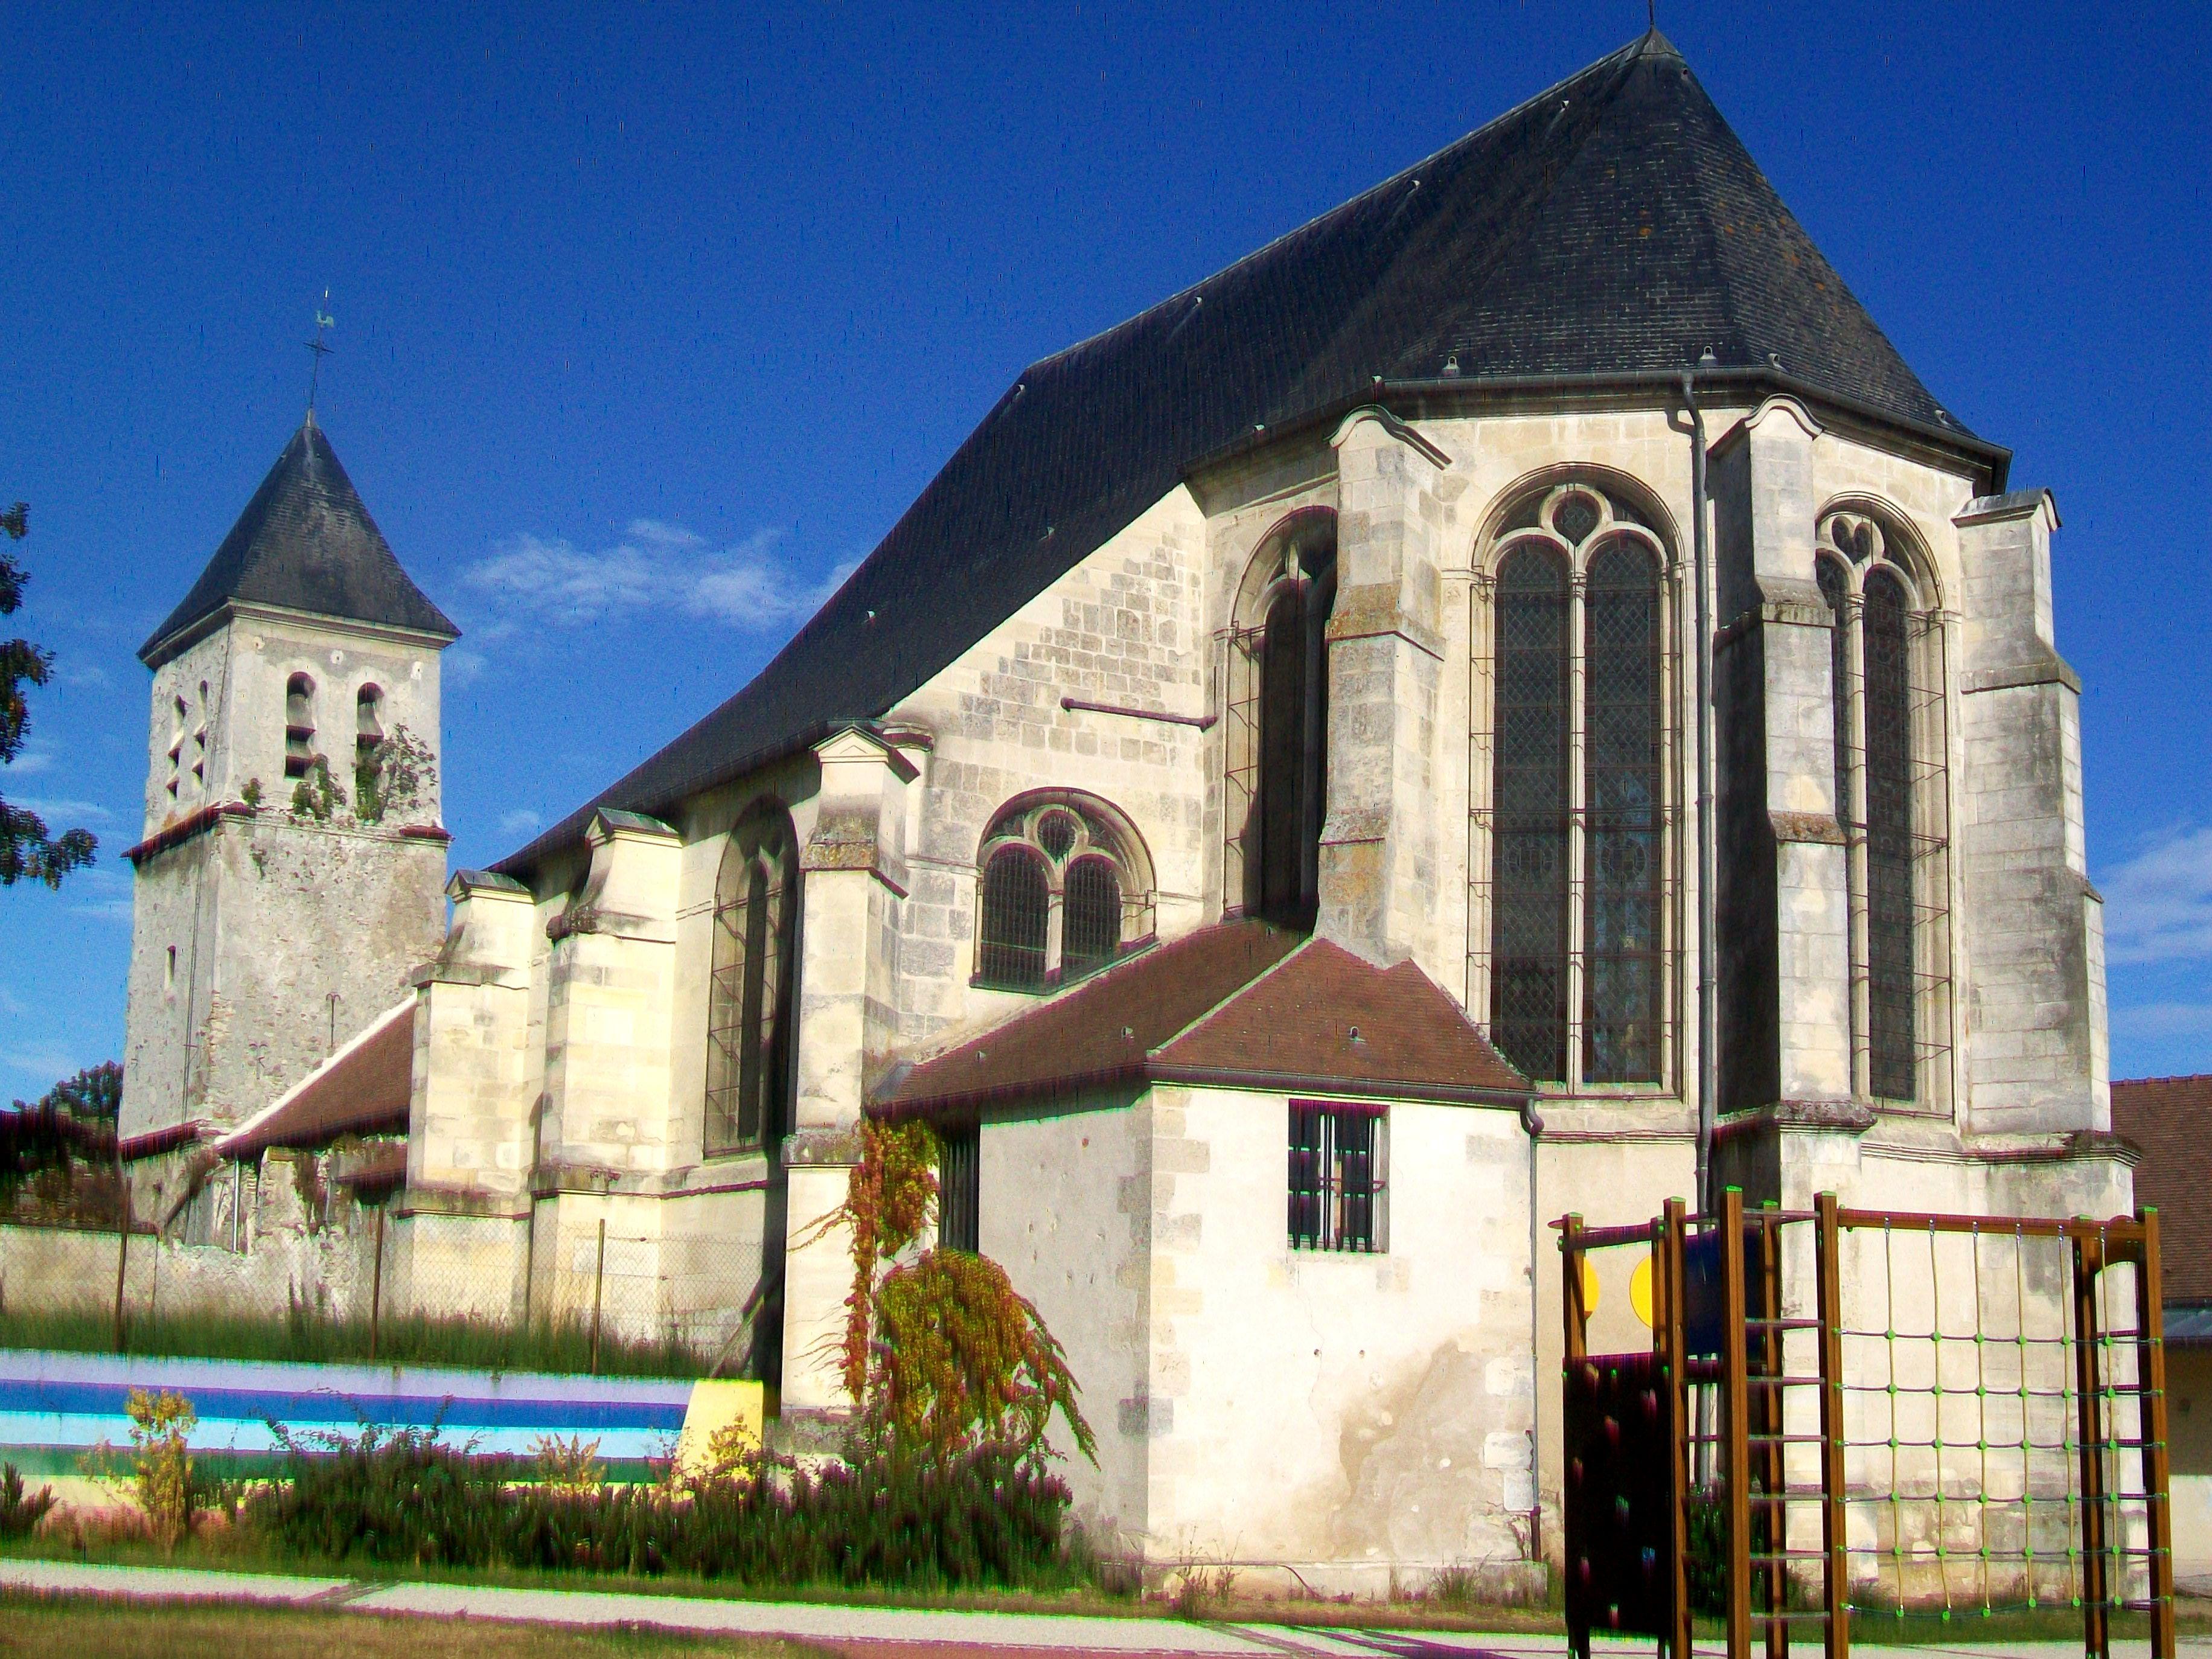 Moussy-le-Vieux